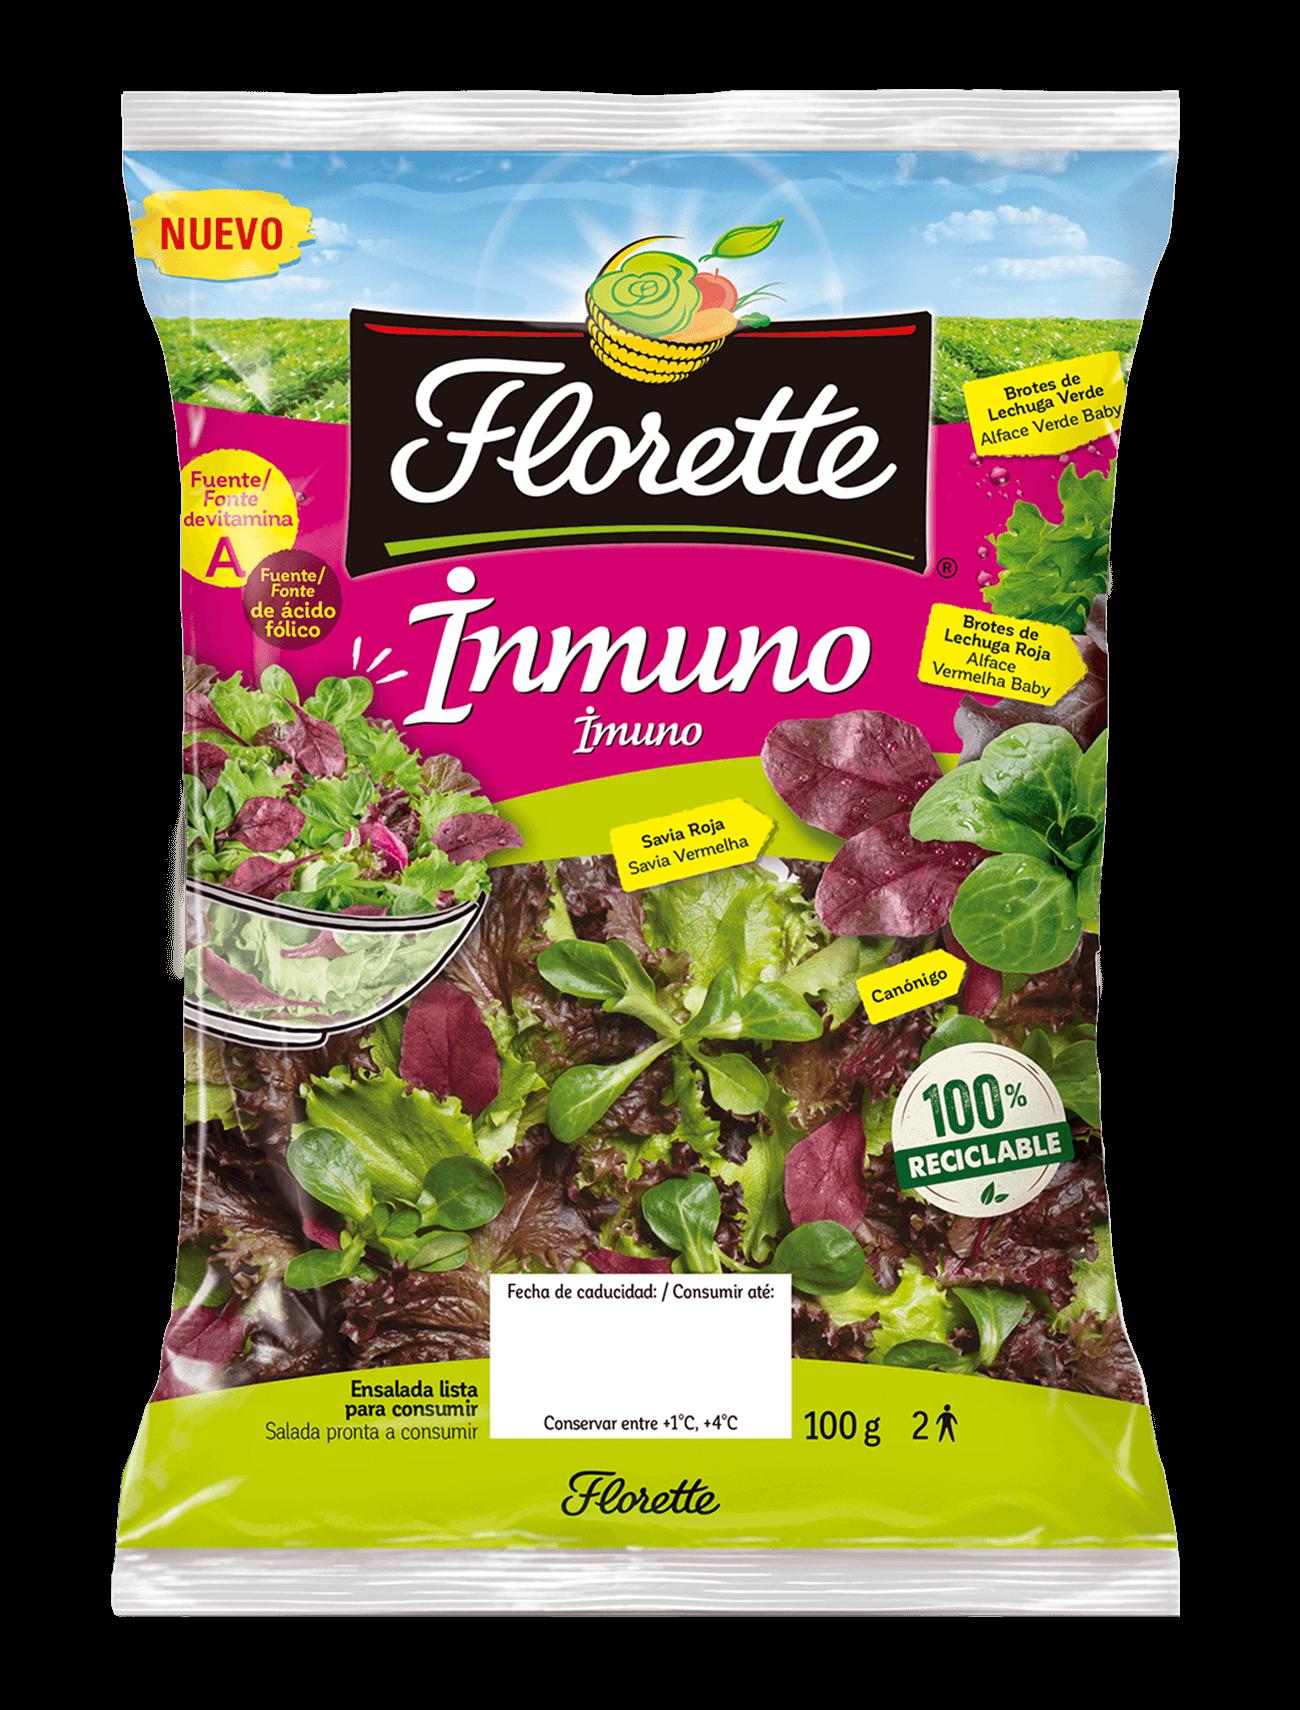 Bolsa de ensalada inmuno de primeros brotes con savia roja, canónigo verde, lollo verde y lollo rojo.